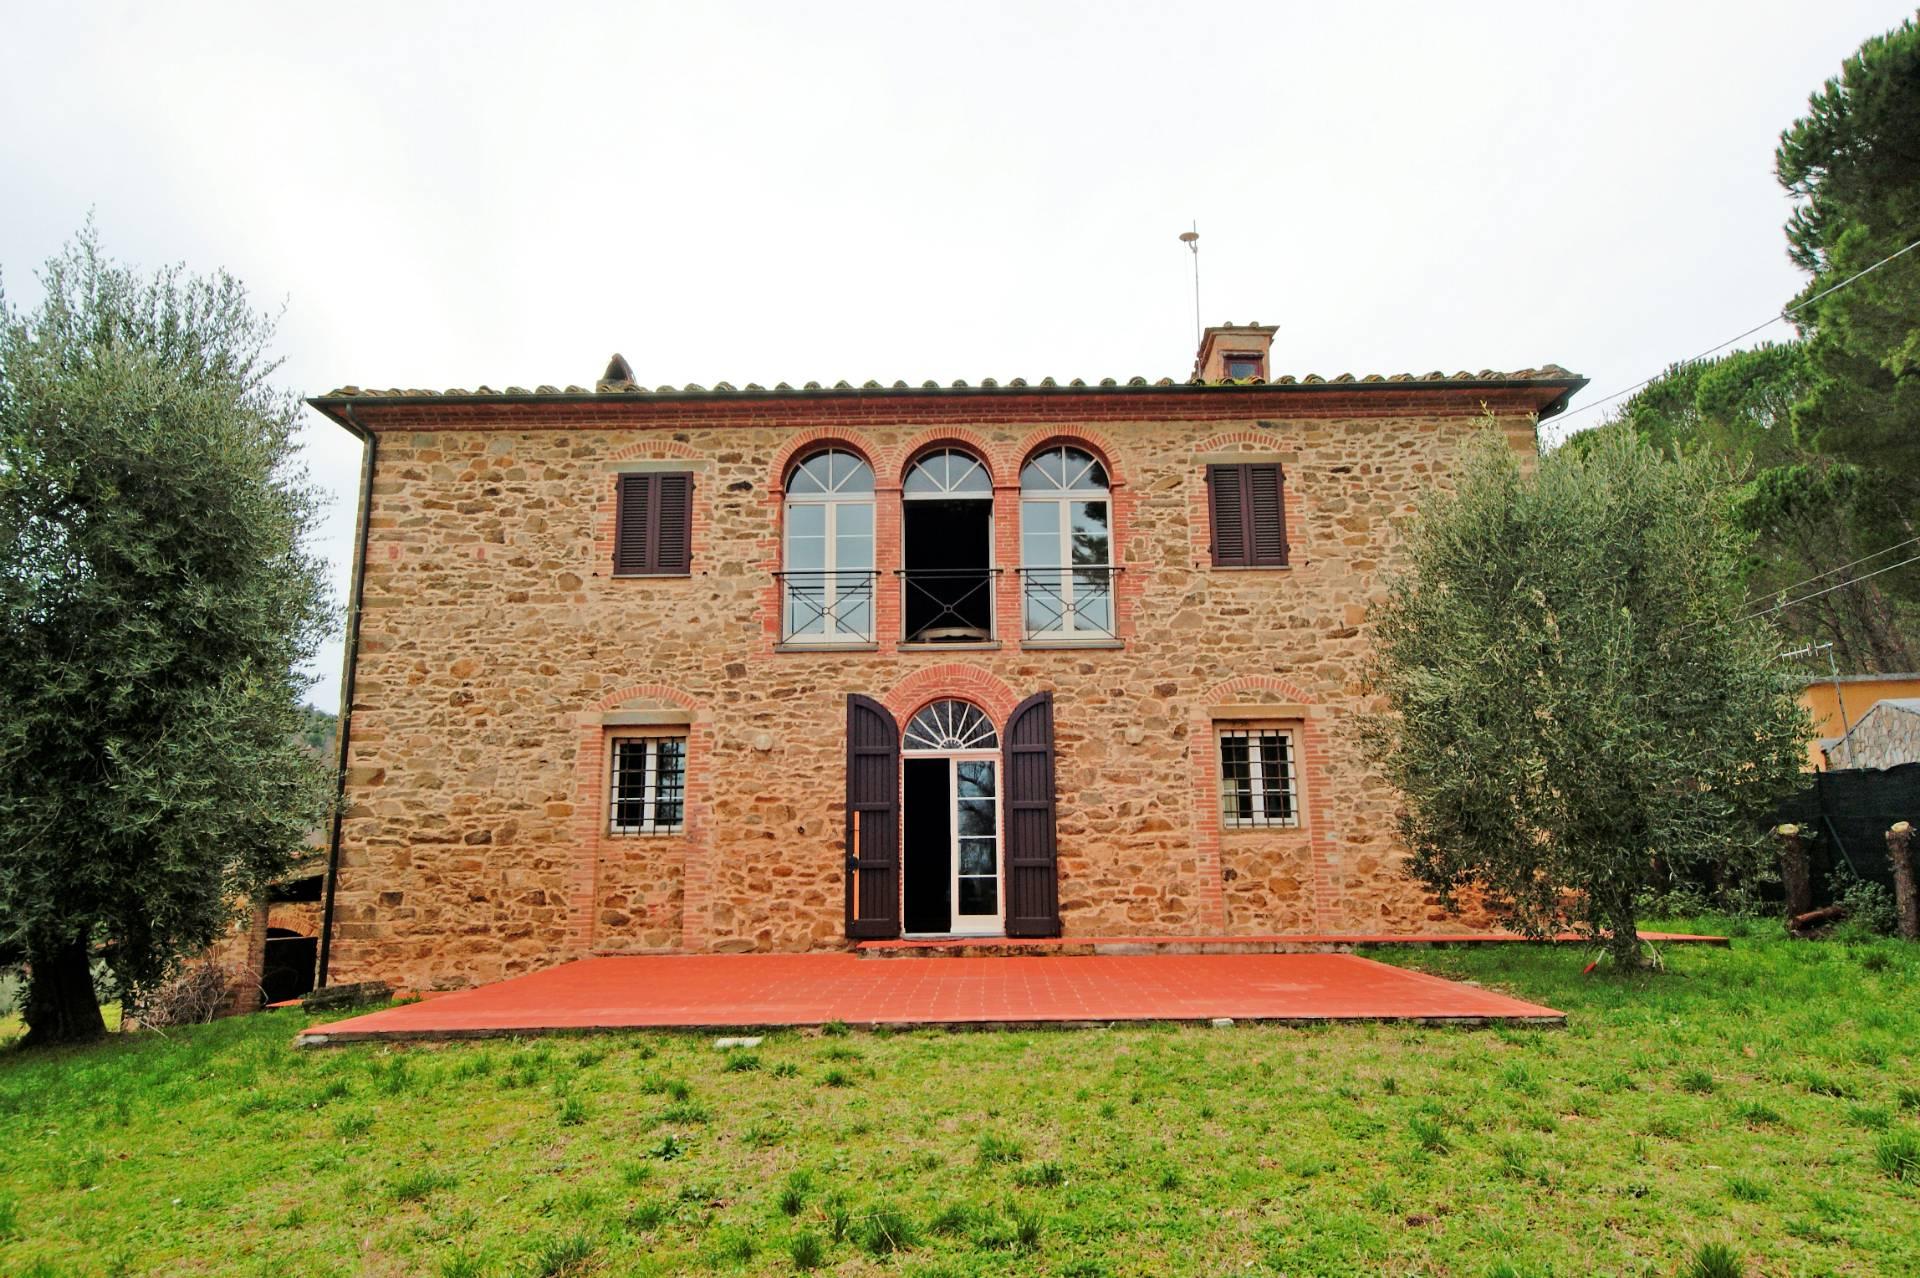 999-Casa colonica ristrutturata con parco e vista panoramica-Chianni-1 Agenzia Immobiliare ASIP